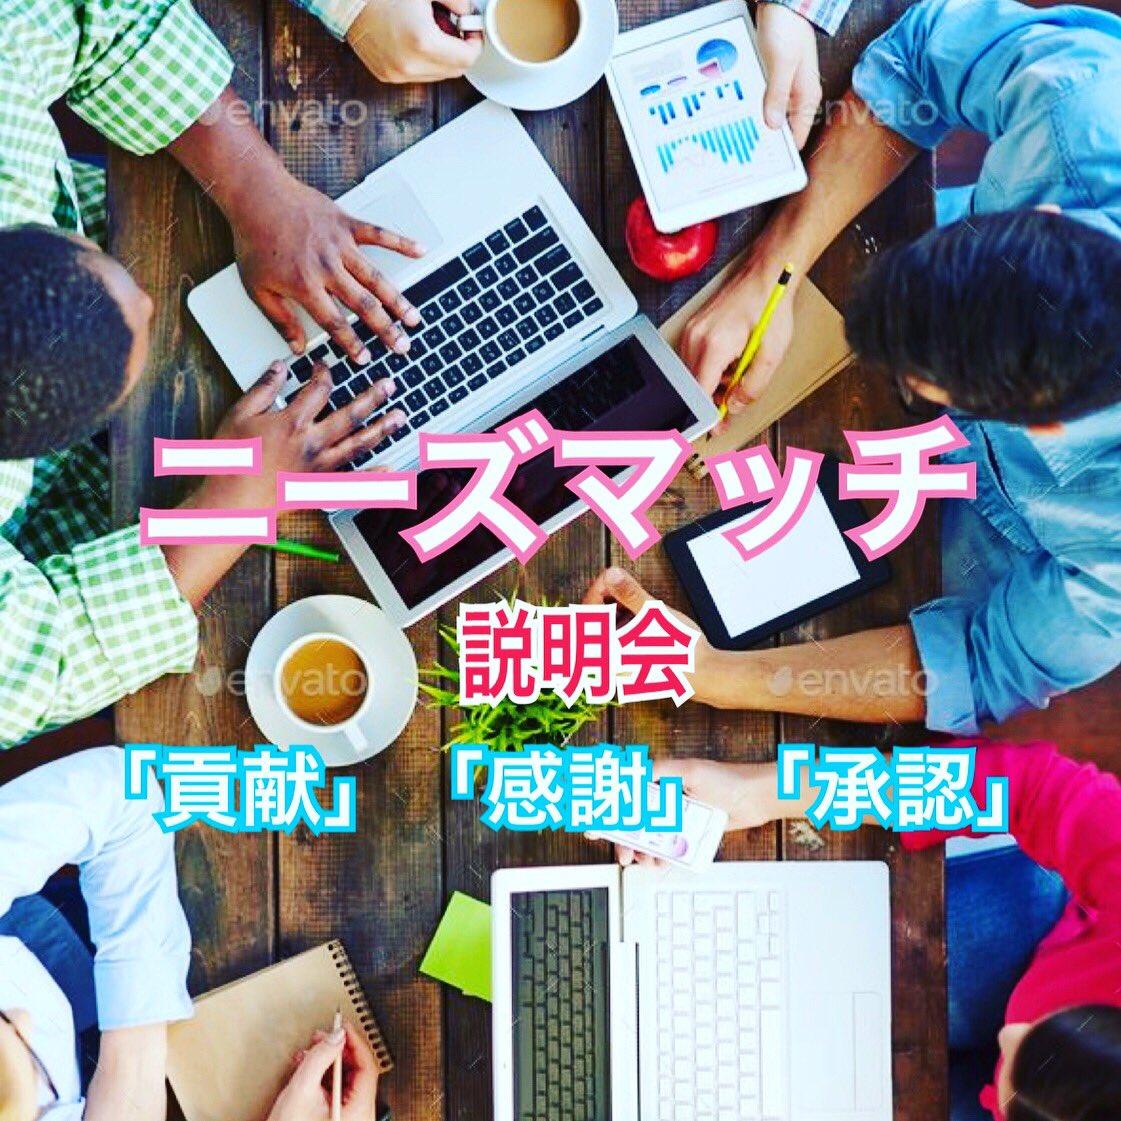 test ツイッターメディア - 東京から来たニーズマッチというビジネス交流会をご存知ですか?  「貢献」「感謝」「承認」を理念として、デール・カーネギーの「人を動かす」を基本の行動指針としている会です。  5月16日木曜日17時半からD→start名古屋丸の内セミナールームにて  説明会開催します https://t.co/VKBazcOcgq